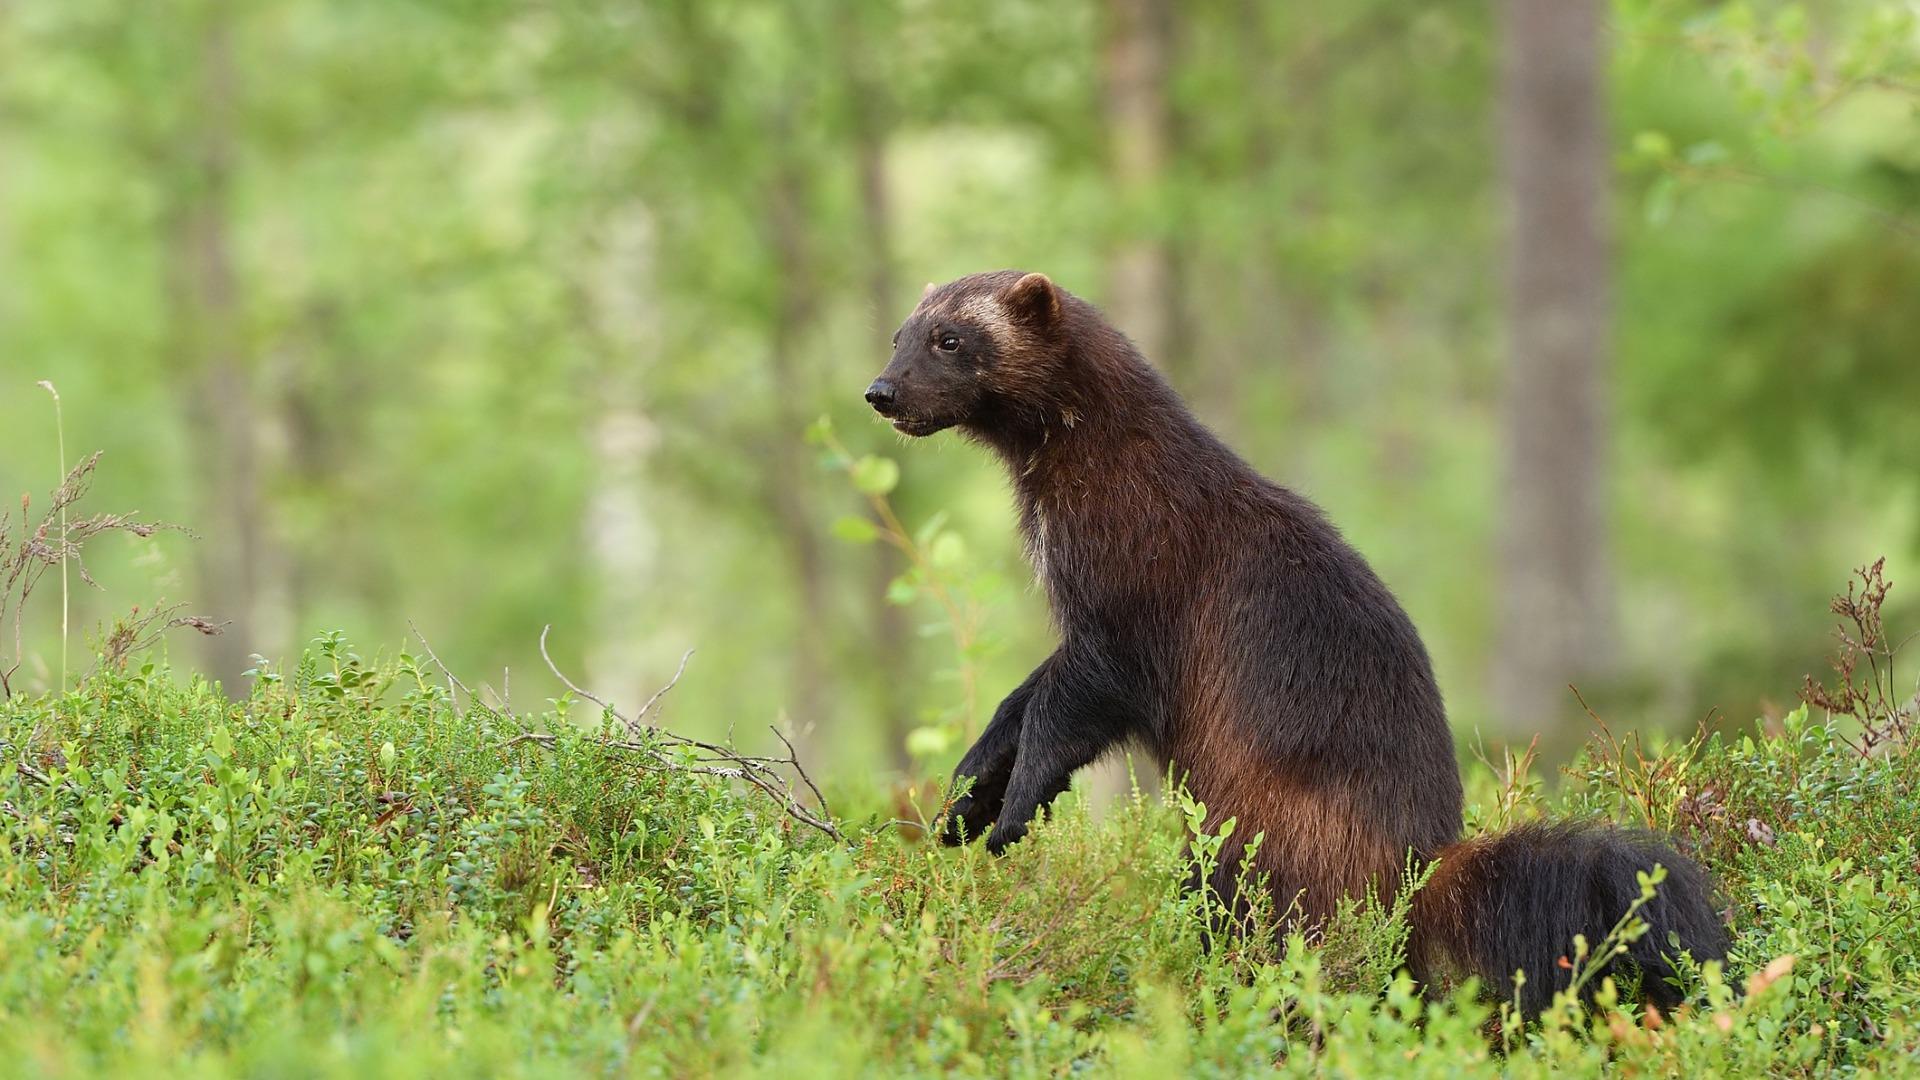 Vaikka ahma on muuten elinvoimainen laji, Suomessa se on erittäin uhanalainen.